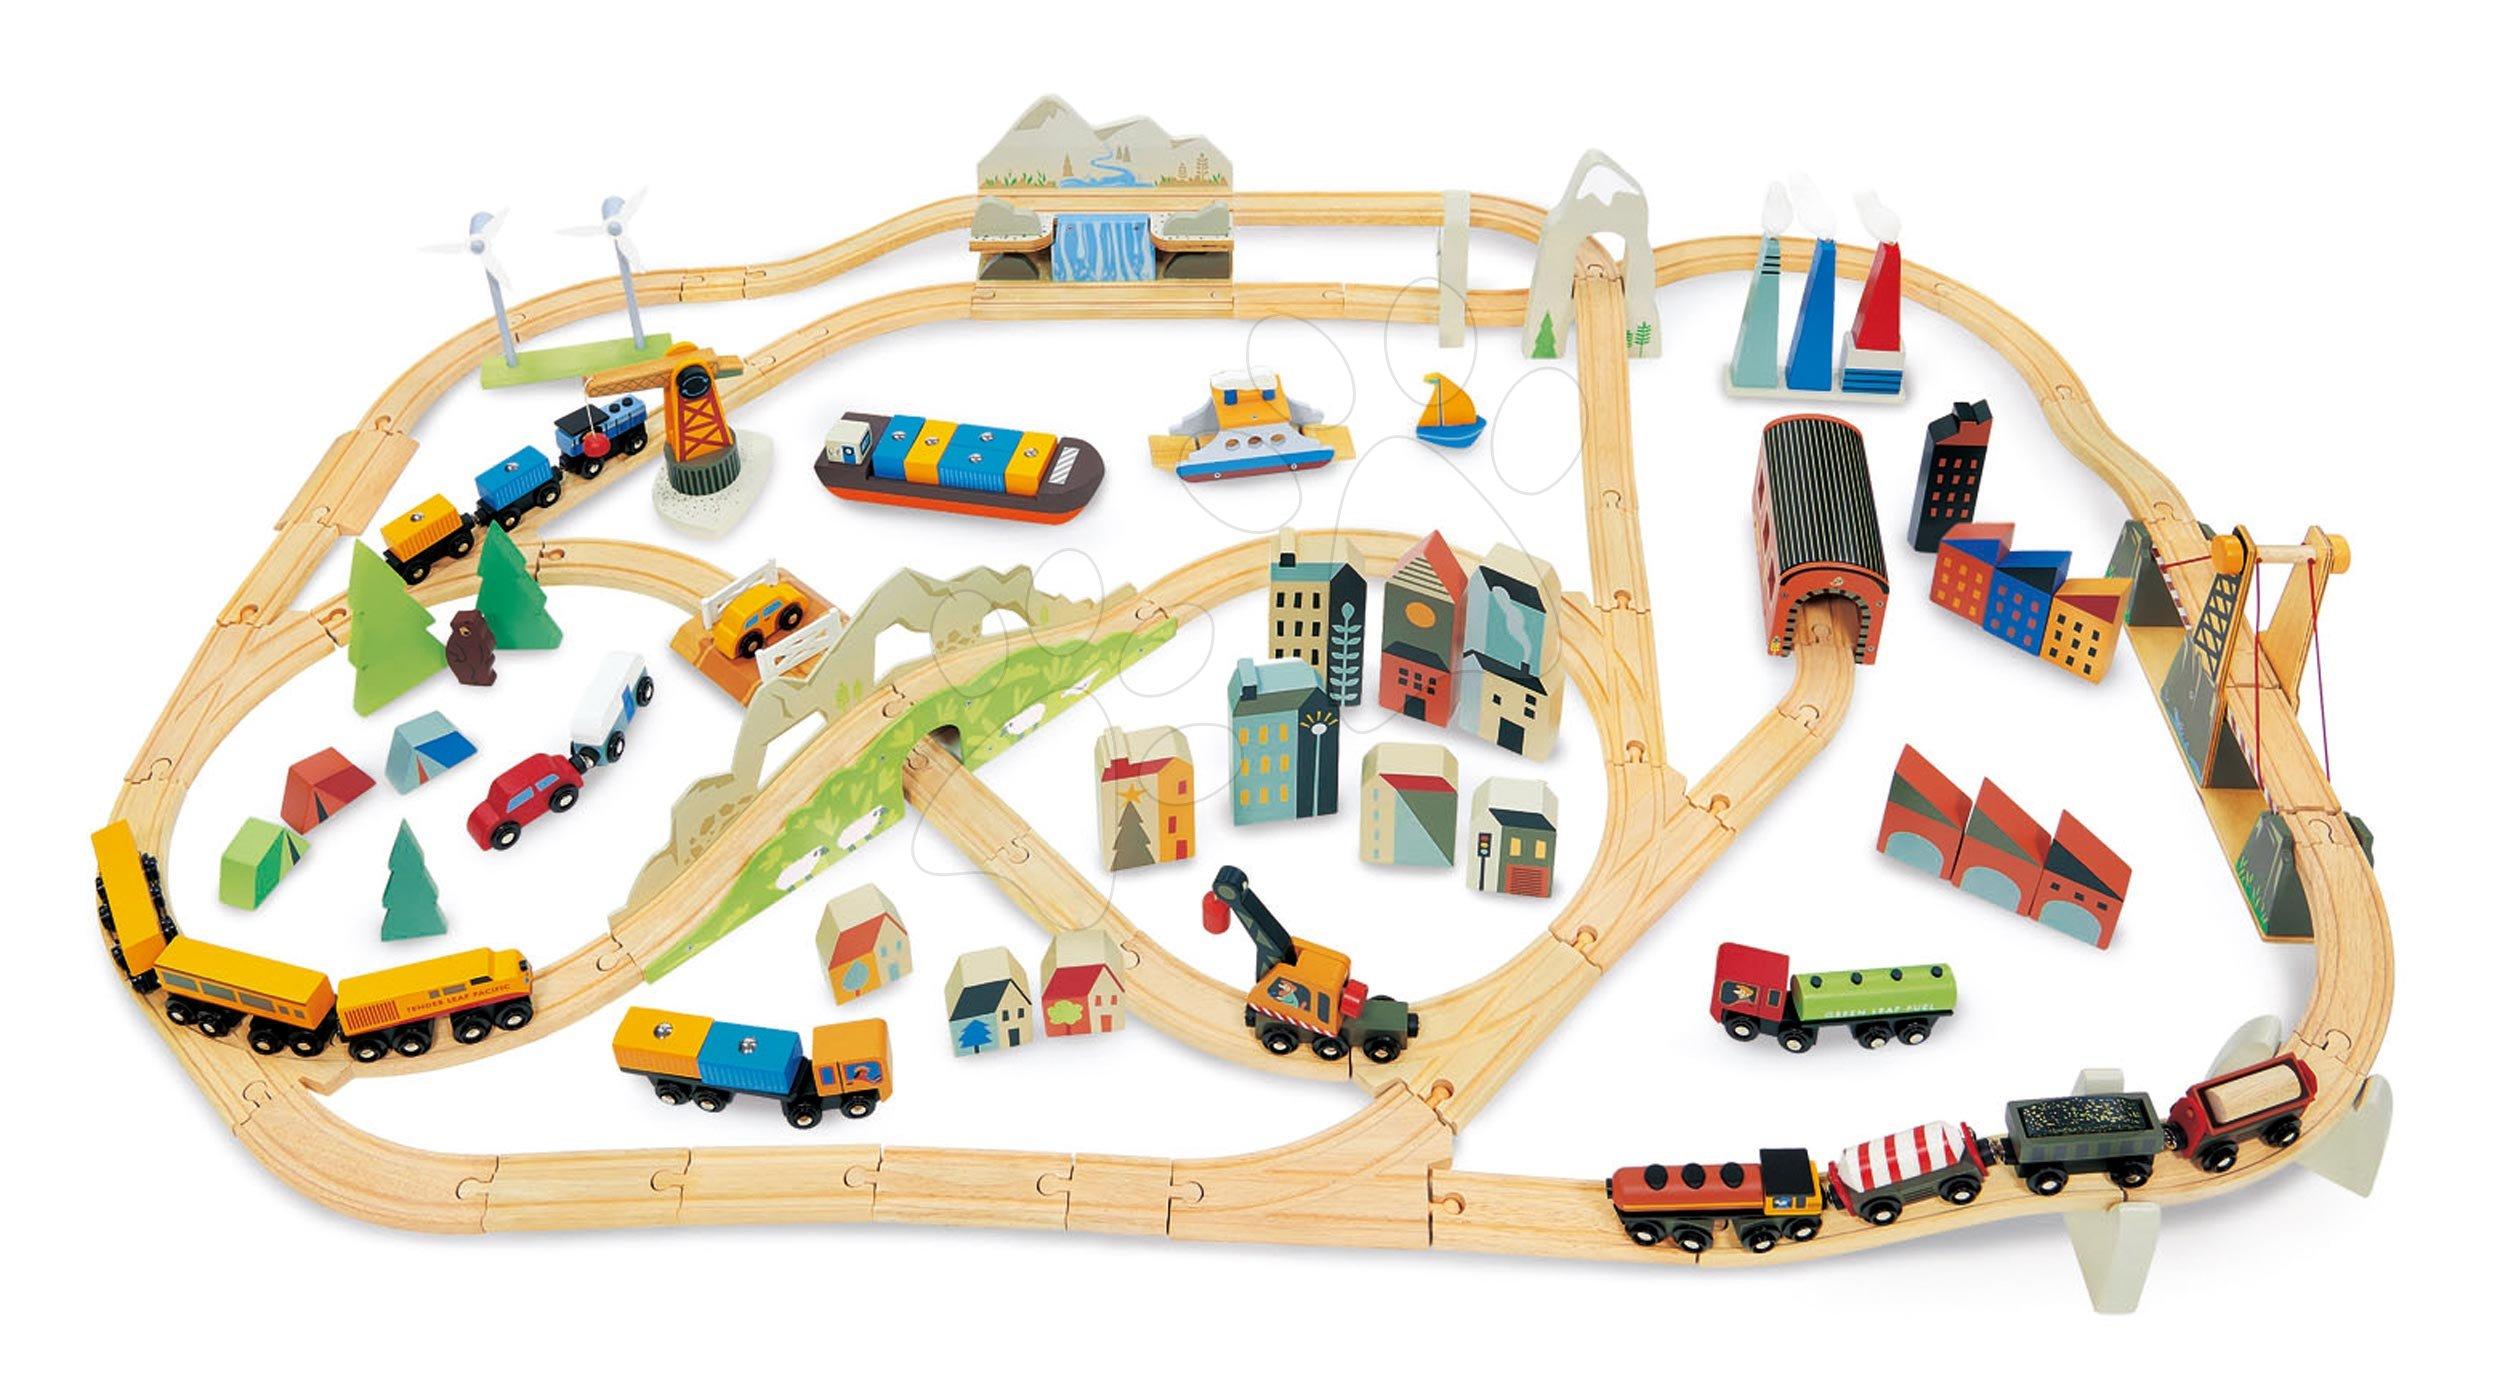 Drevená vláčikodráha vysokohorská Mountain View Train Set Tender Leaf Toys cesta okolo sveta cez mesta a hory 58 dielov a doplnky